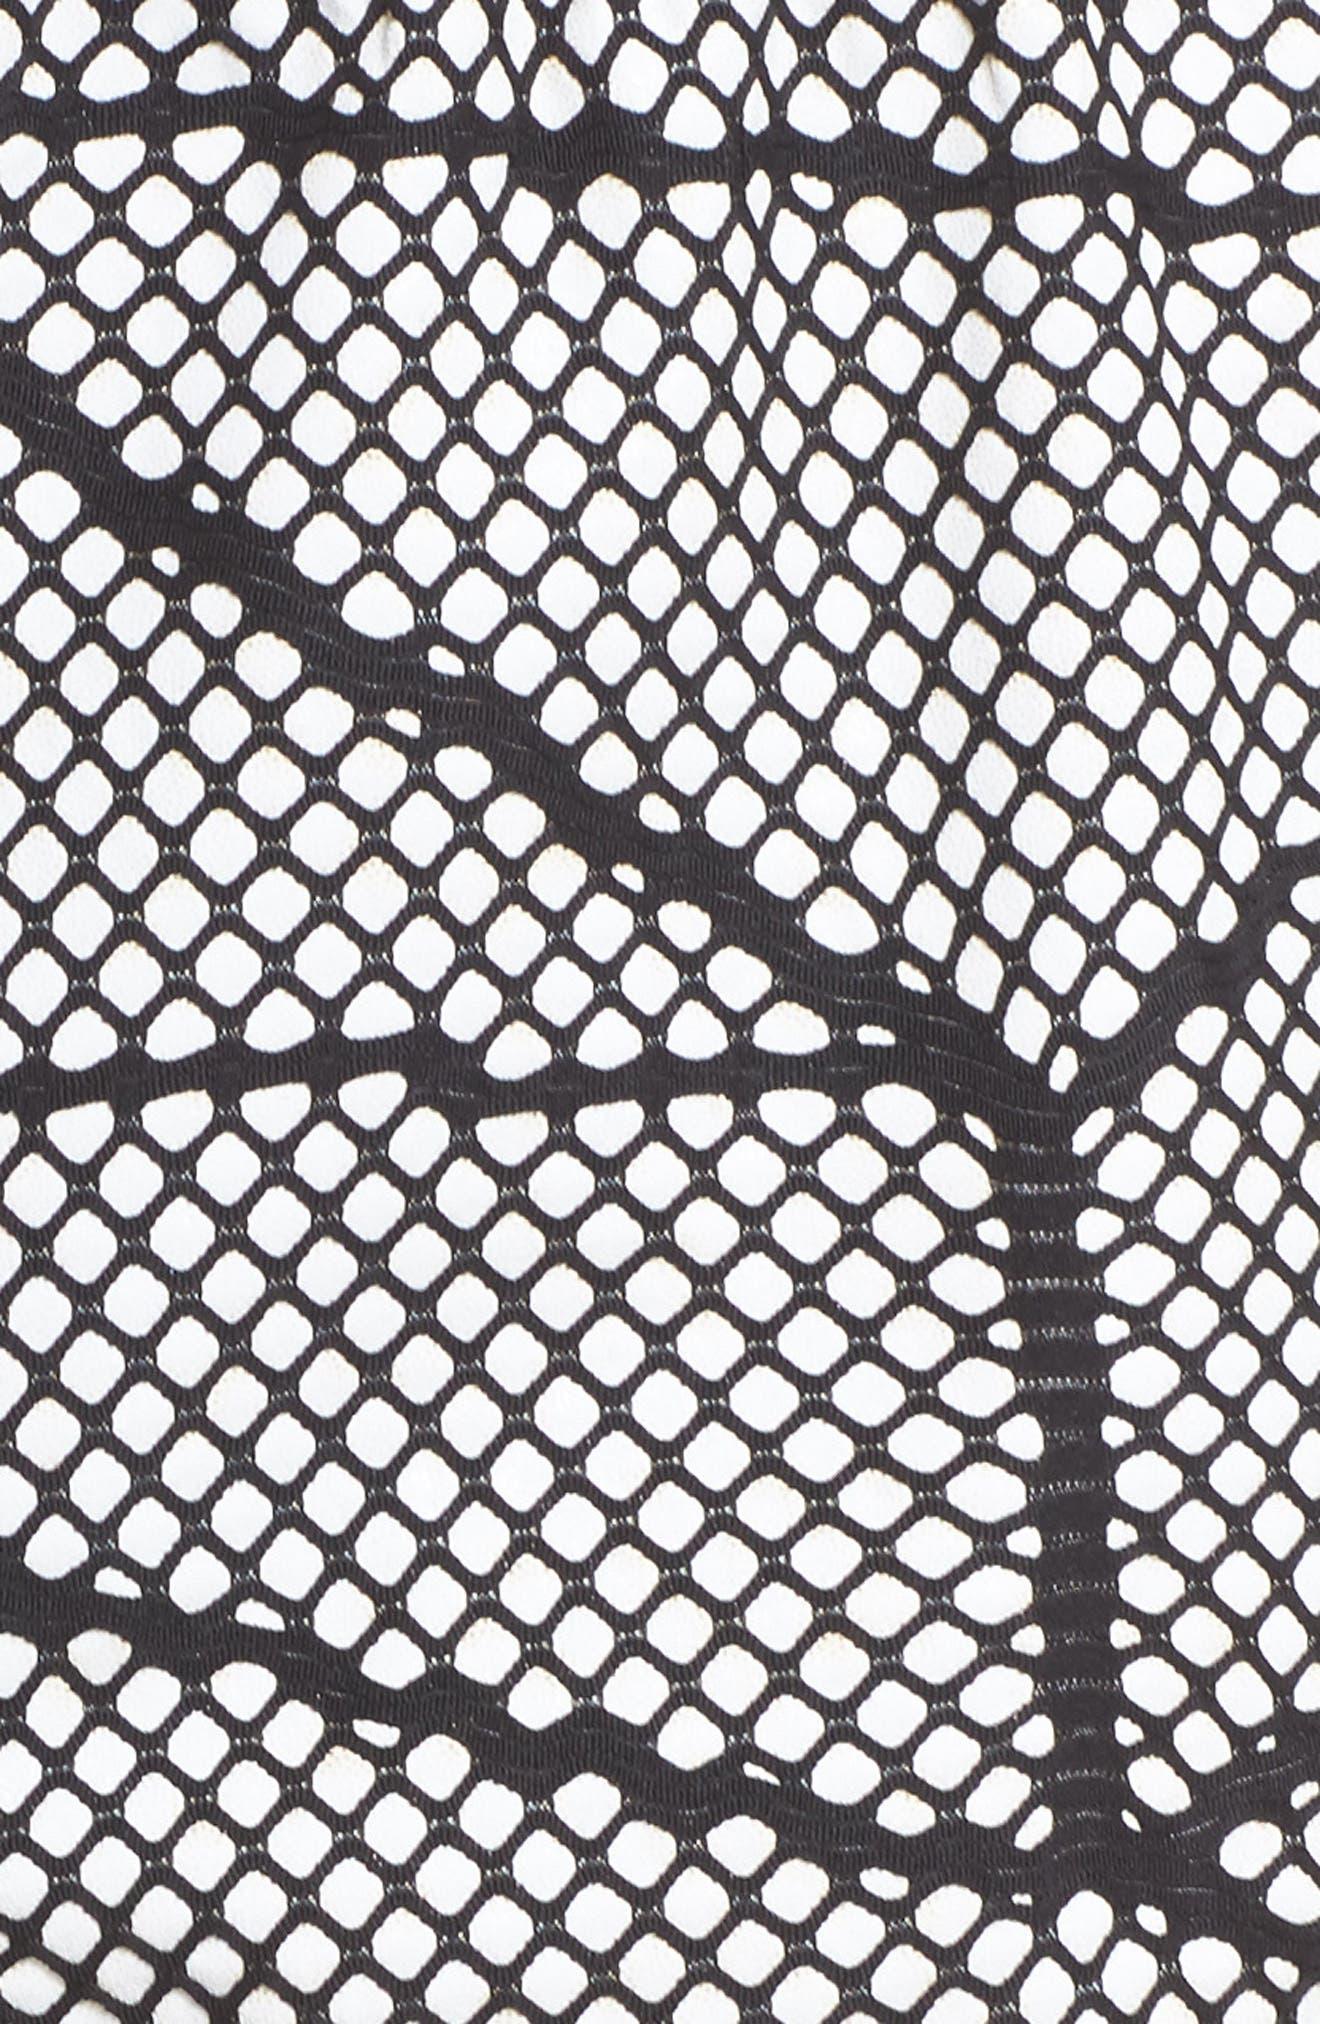 Chromatic Shorts,                             Alternate thumbnail 6, color,                             Cr5048 Black-White Chromatic